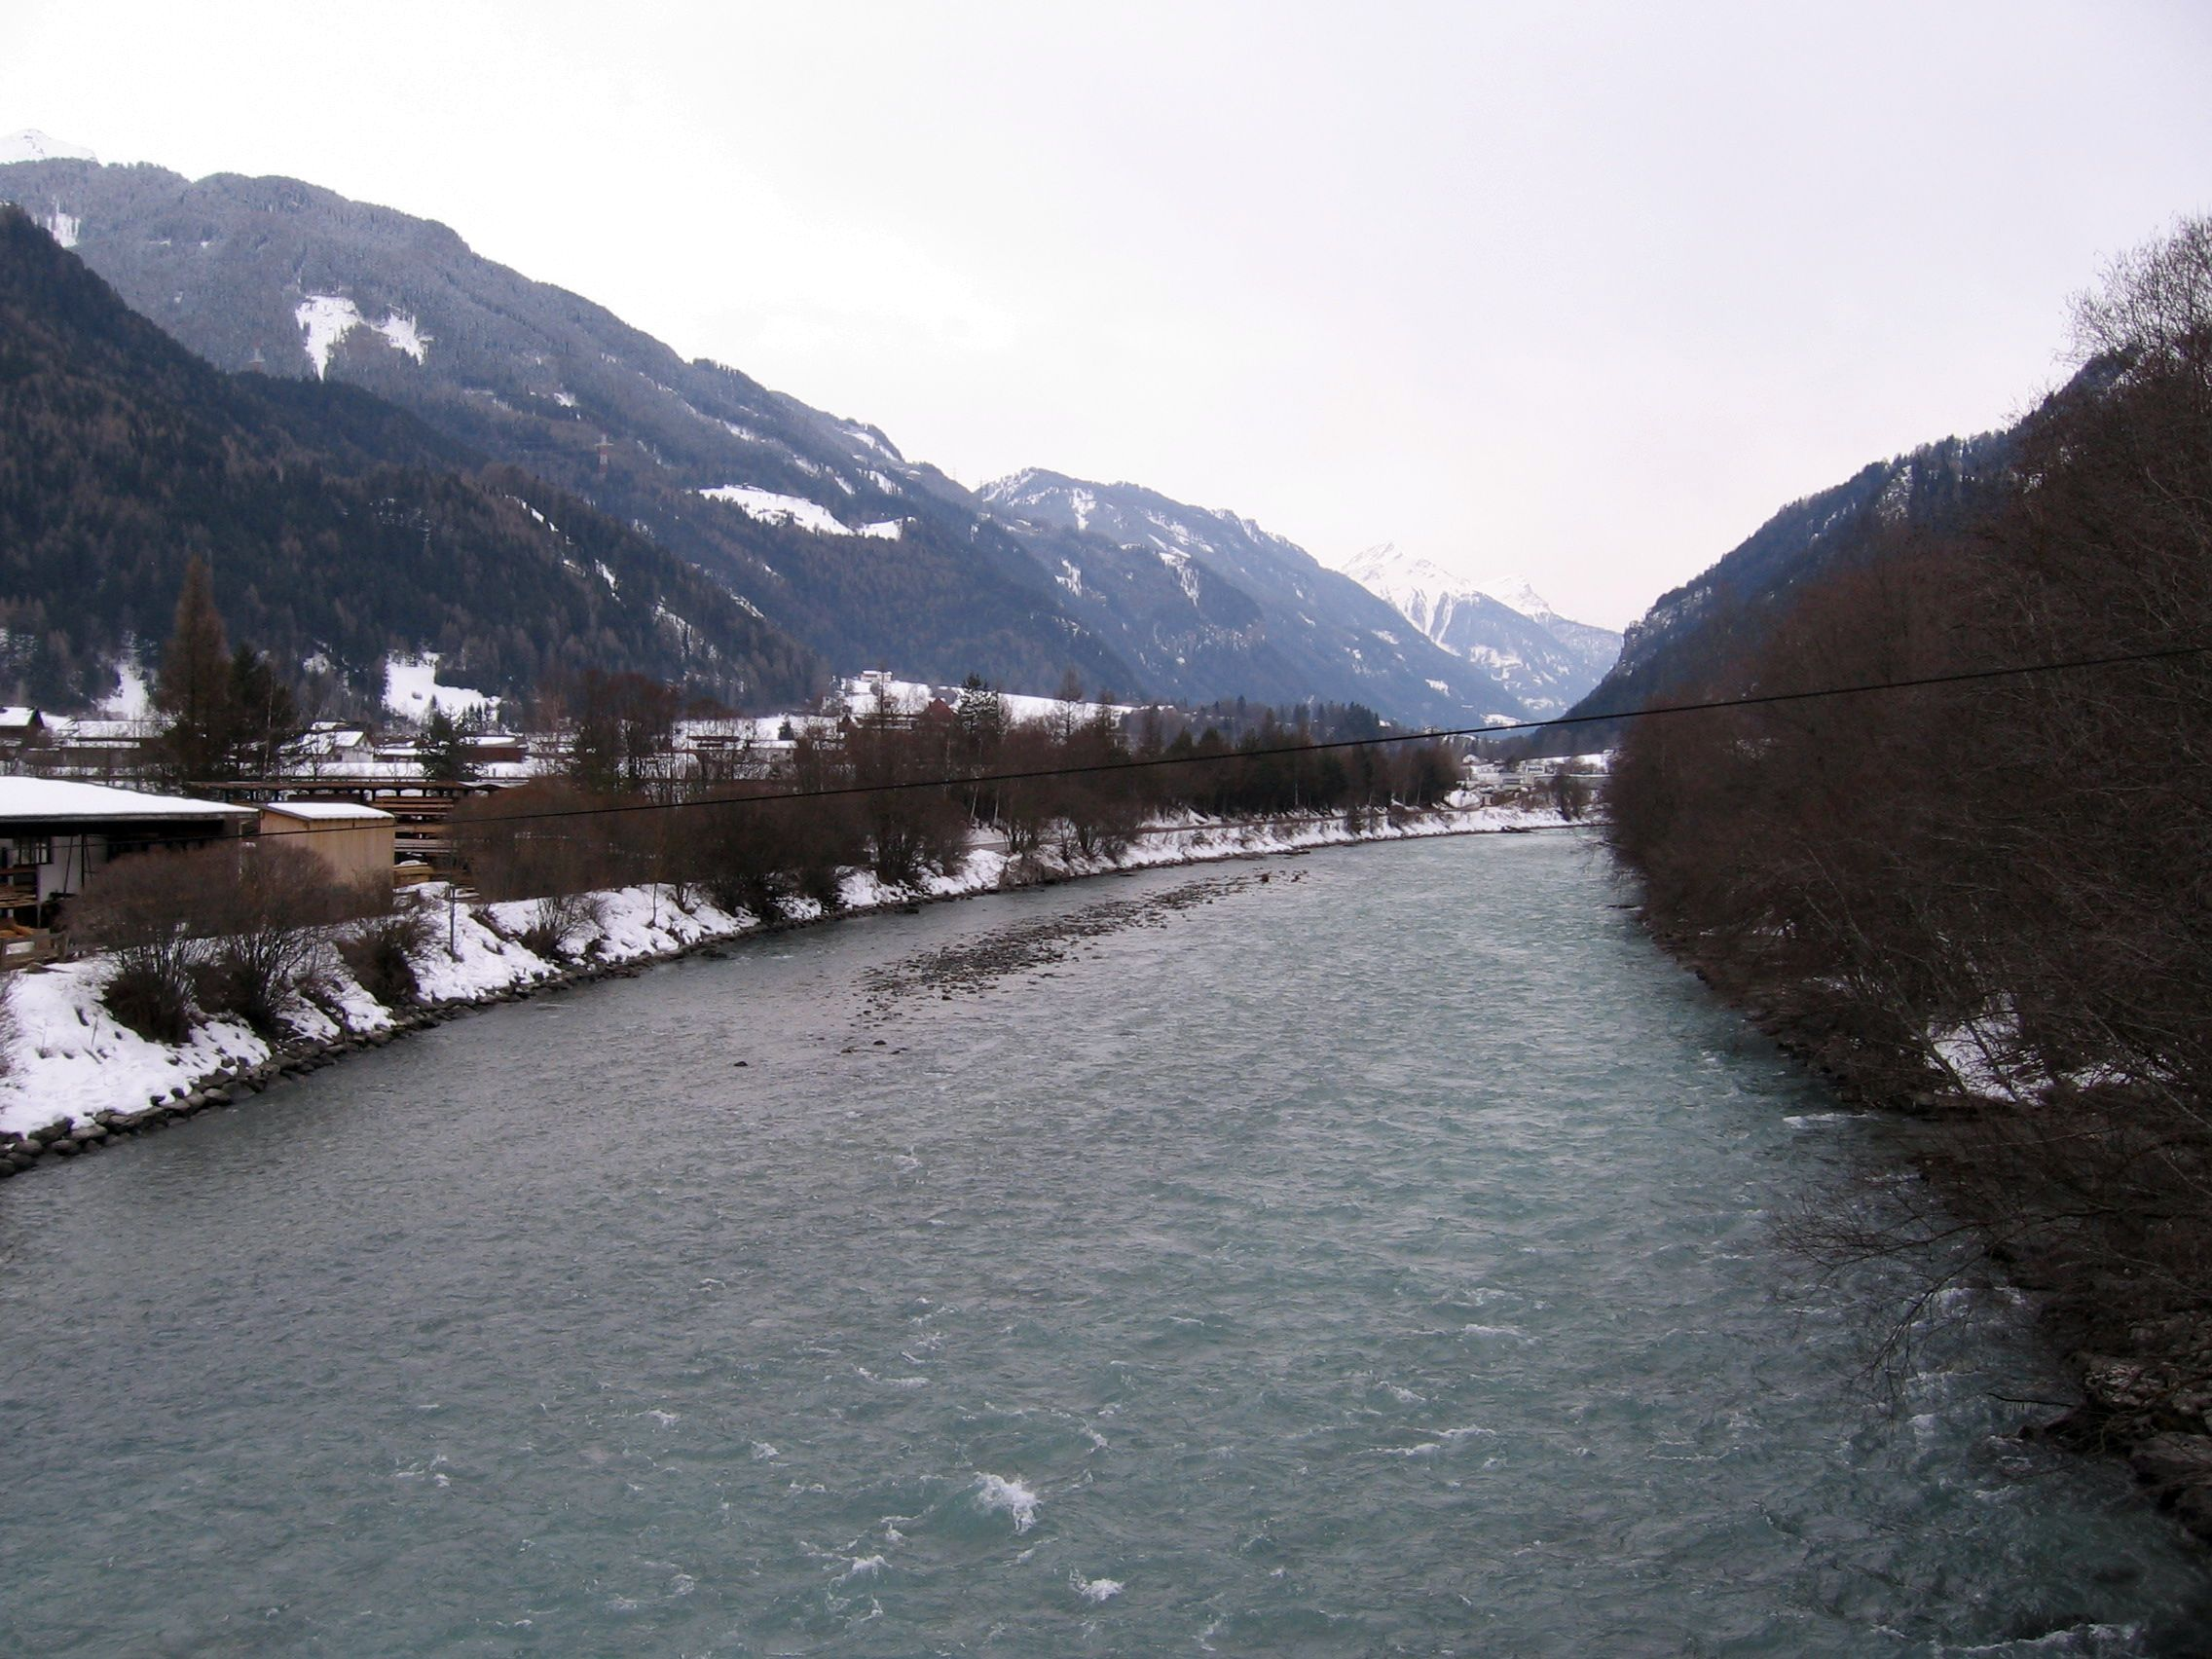 File:Fluss-inn-bei-ried.jpg - Wikimedia Commons